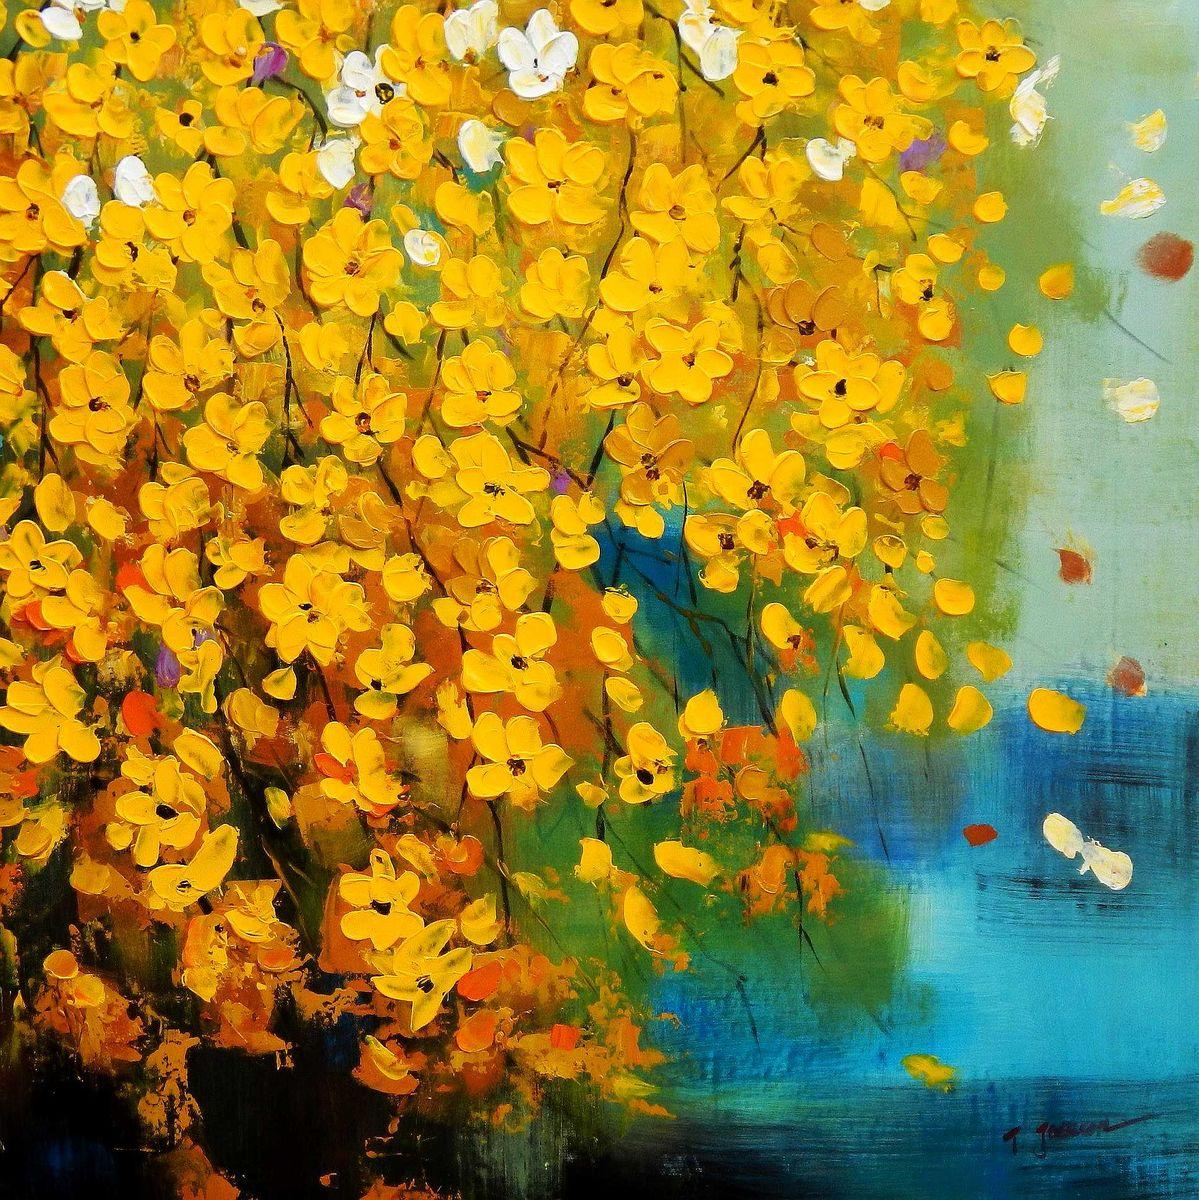 Modern Art - Gelbe Blüten Flavo Flores h95893 90x90cm abstraktes Ölbild